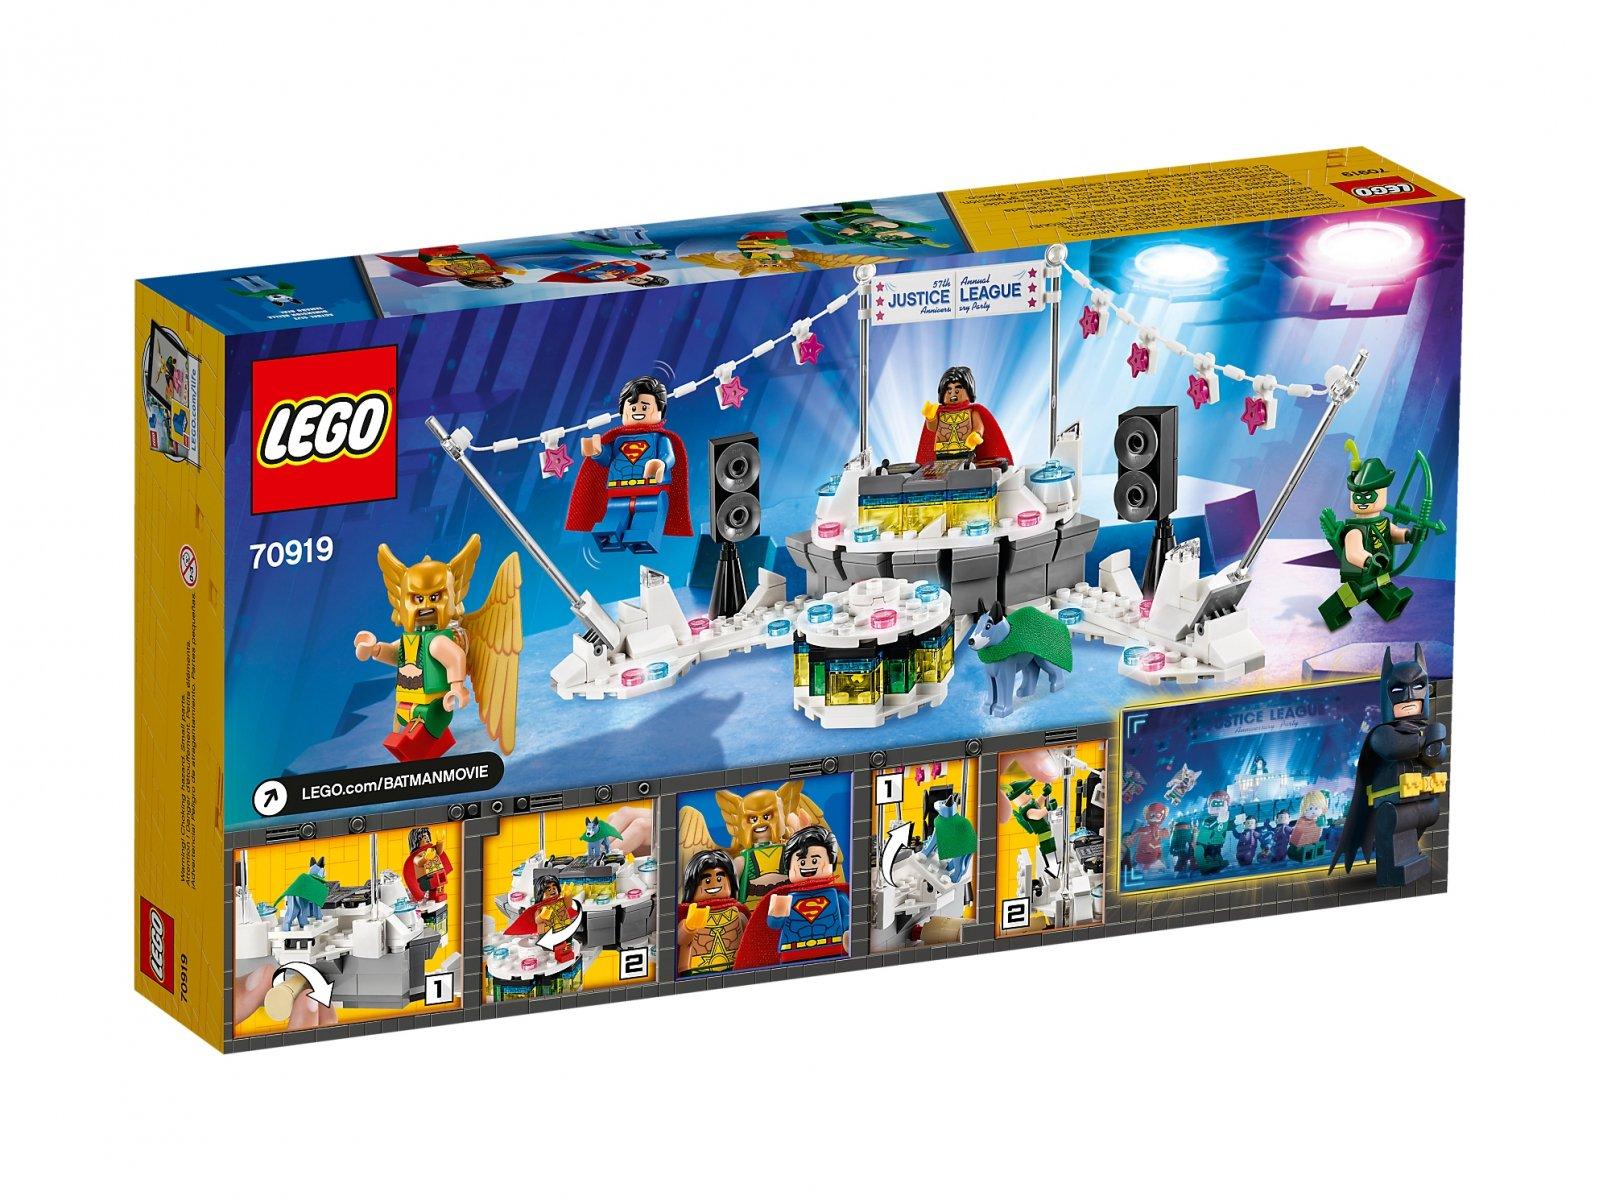 LEGO Batman Movie Impreza jubileuszowa Ligi Sprawiedliwości